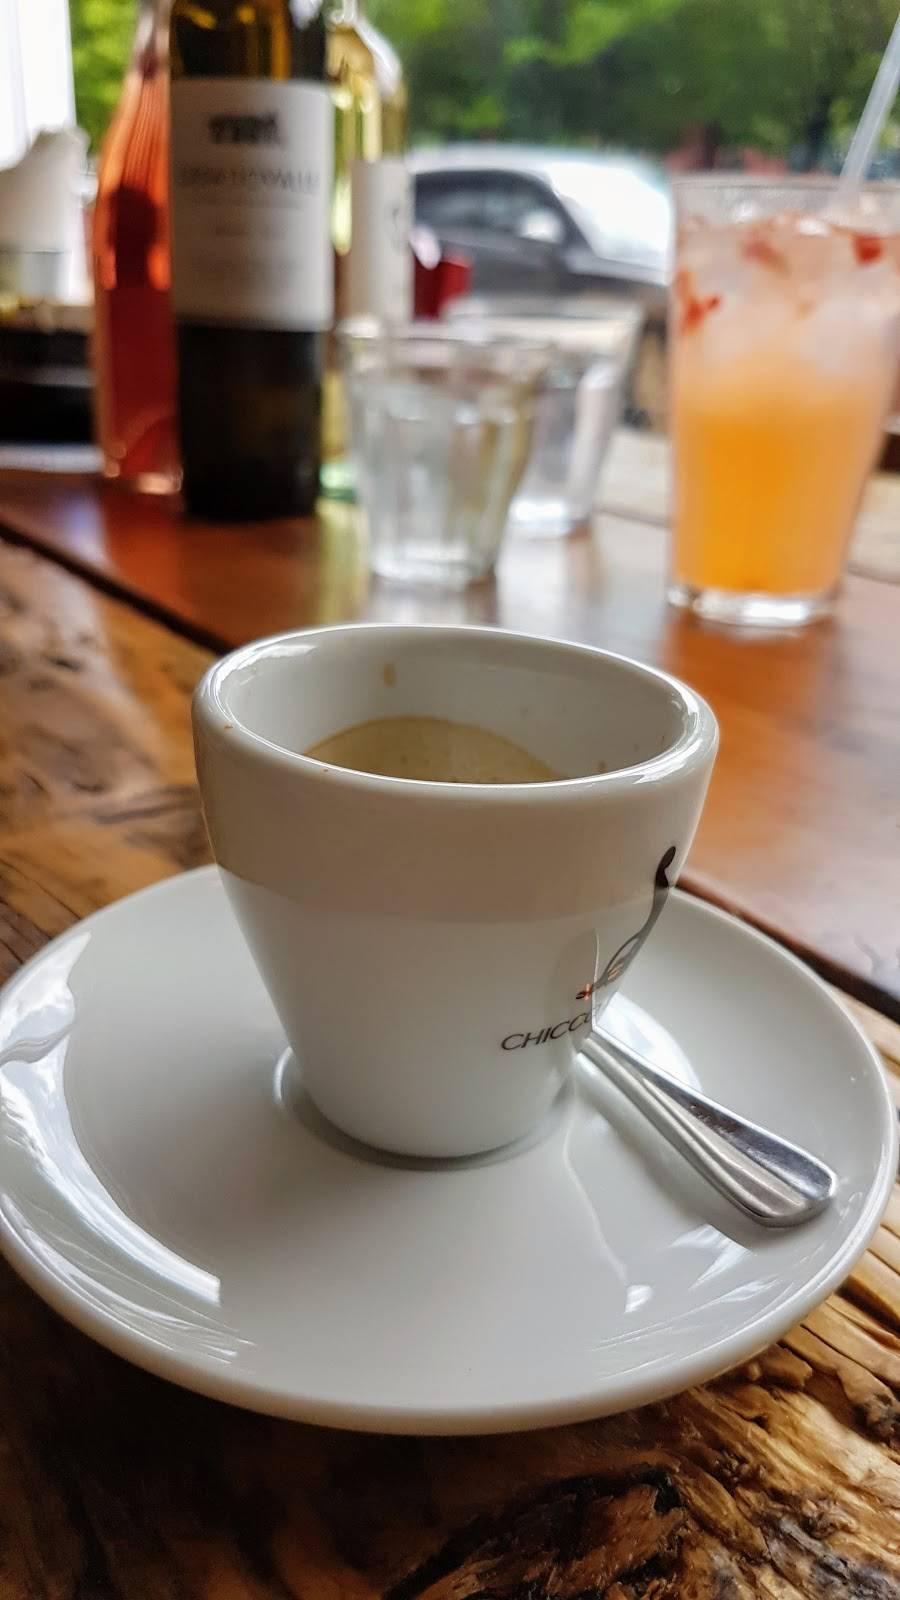 Passatempo cafe | restaurant | 79 Grand St, Brooklyn, NY 11249, USA | 7183881999 OR +1 718-388-1999